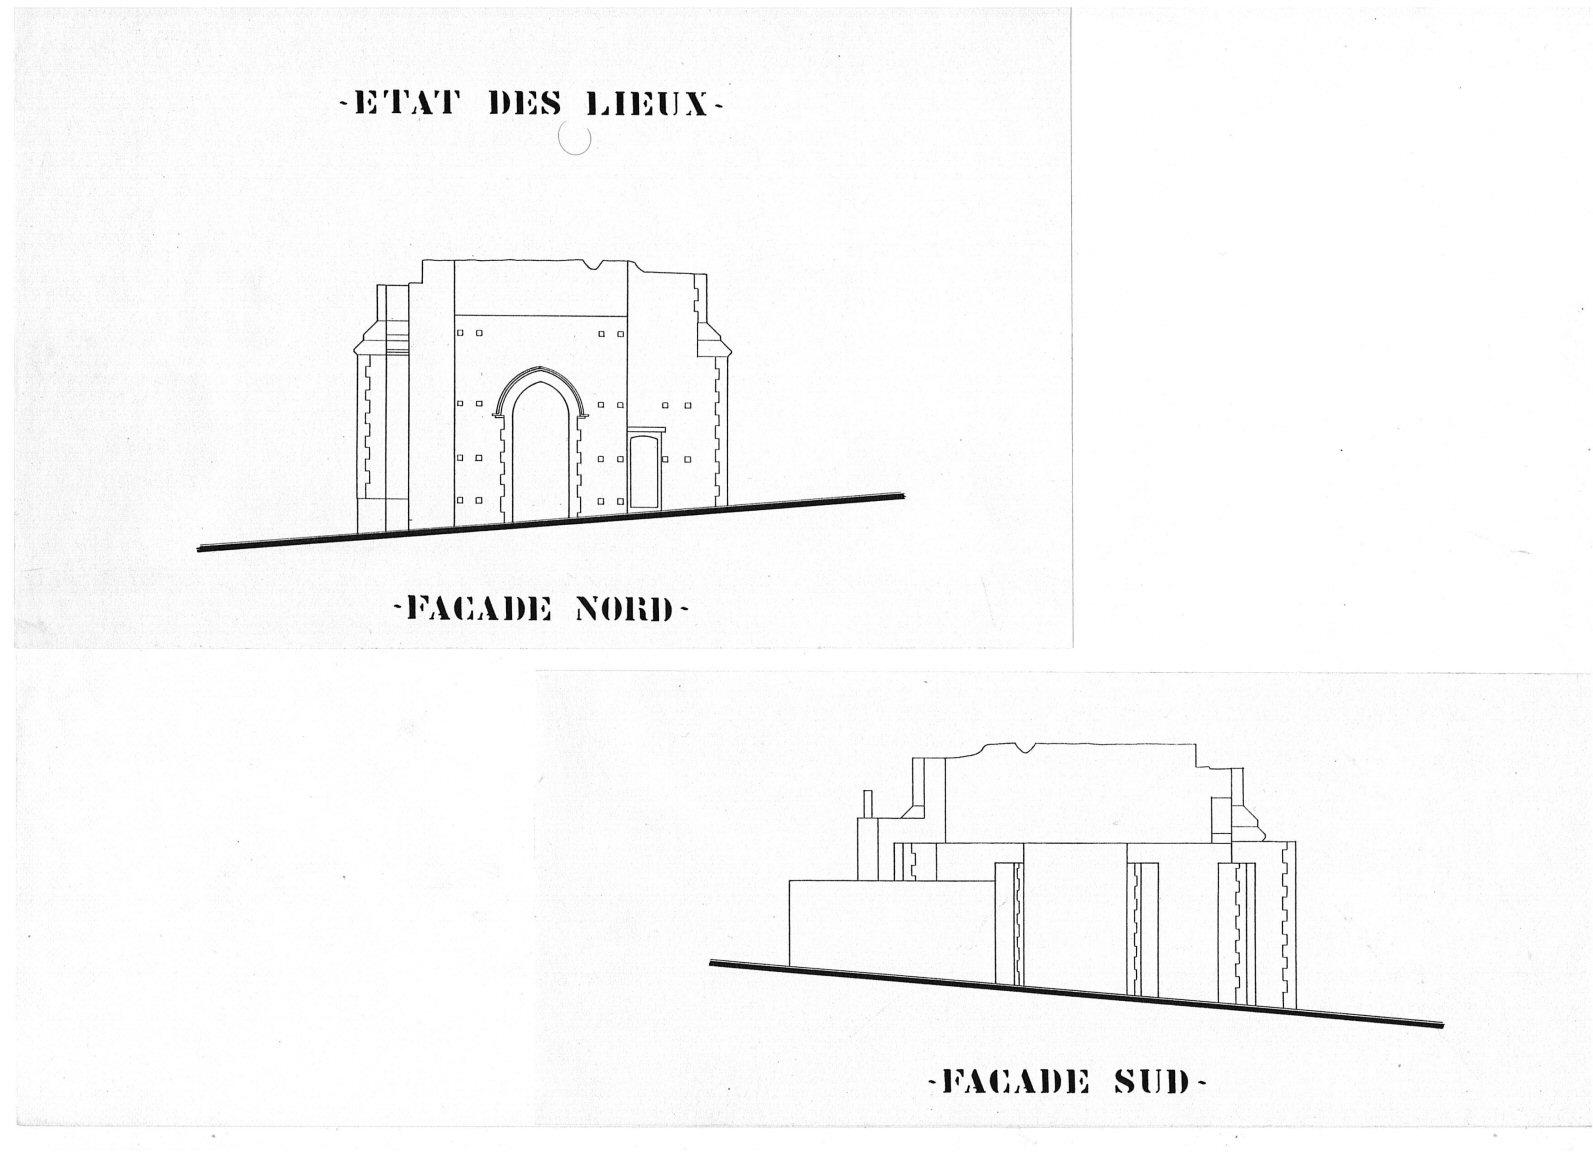 2- état des lieux Façade Bâtisse pour Séminaire (32) - Architecte Jean-Marc Ritondo